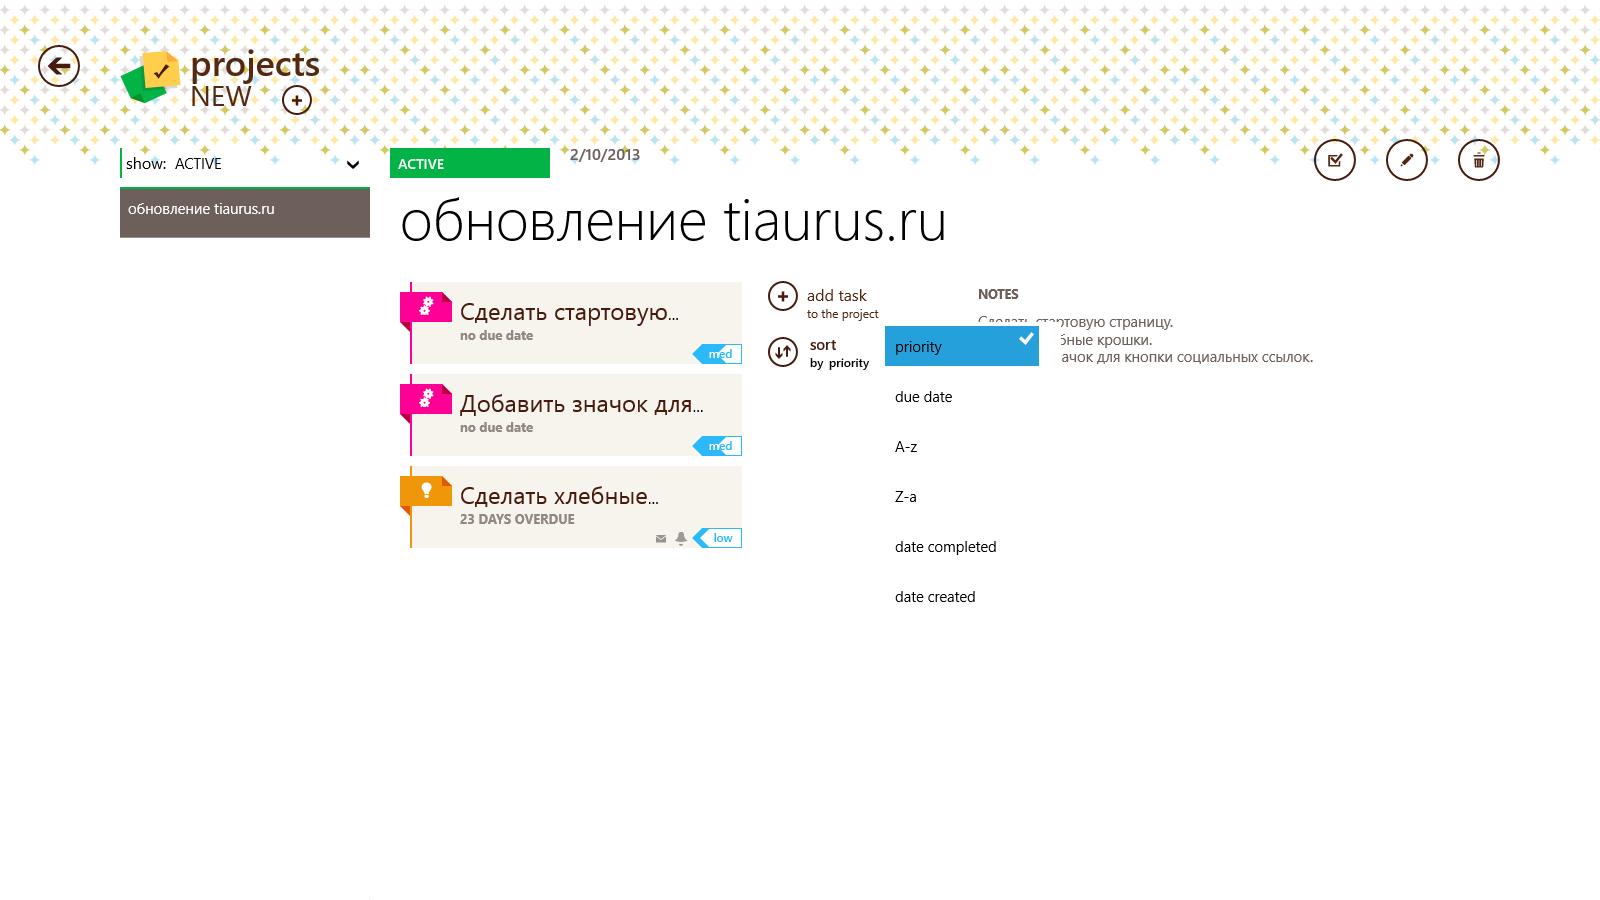 Tasks - удобное приложение для управления запланированными задачами, событиями и временем в Windows 8/RT (3)